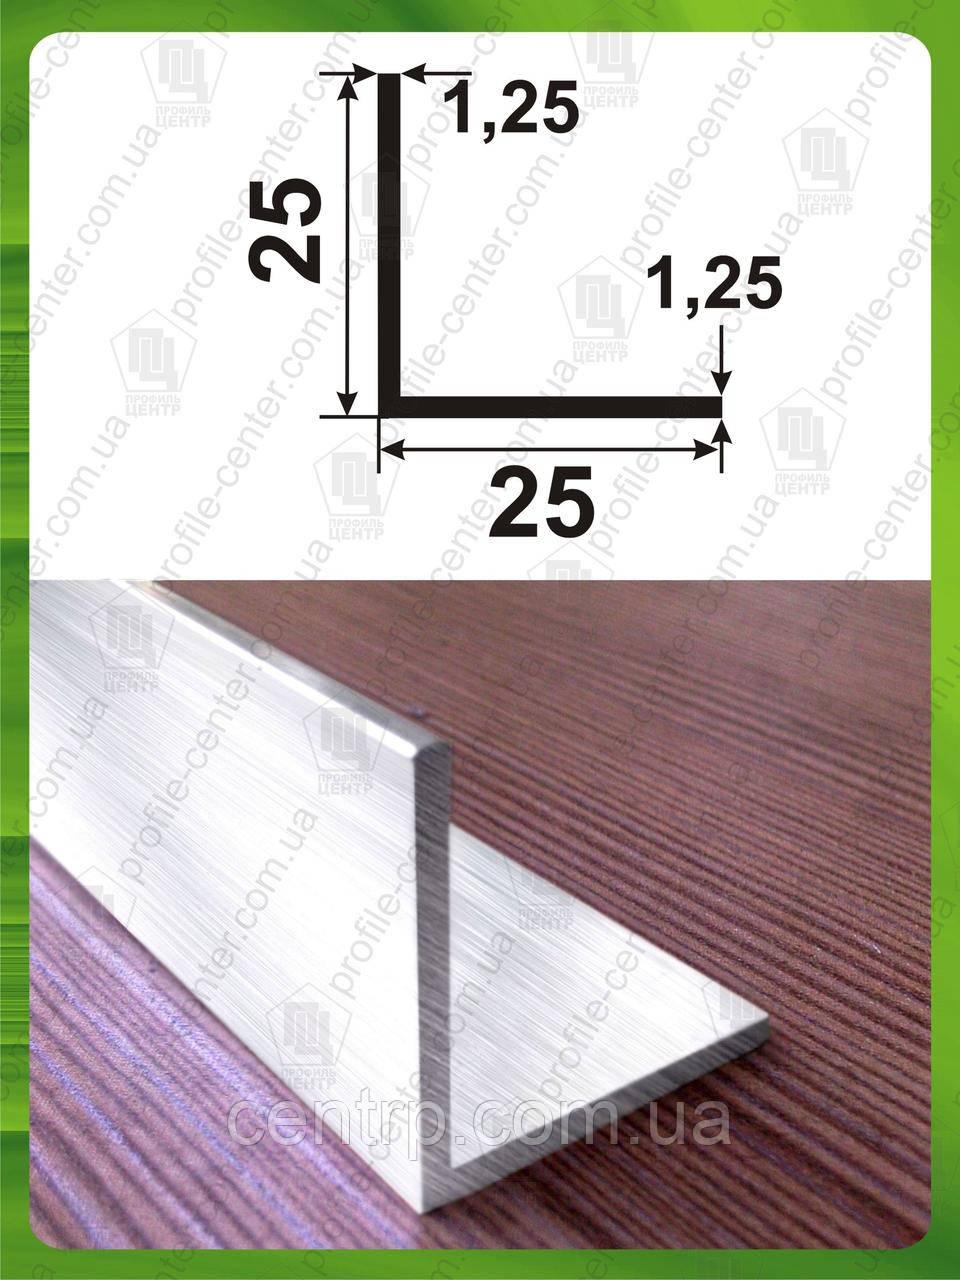 Уголок алюминиевый 25х25х1,25 равнополочный равносторонний